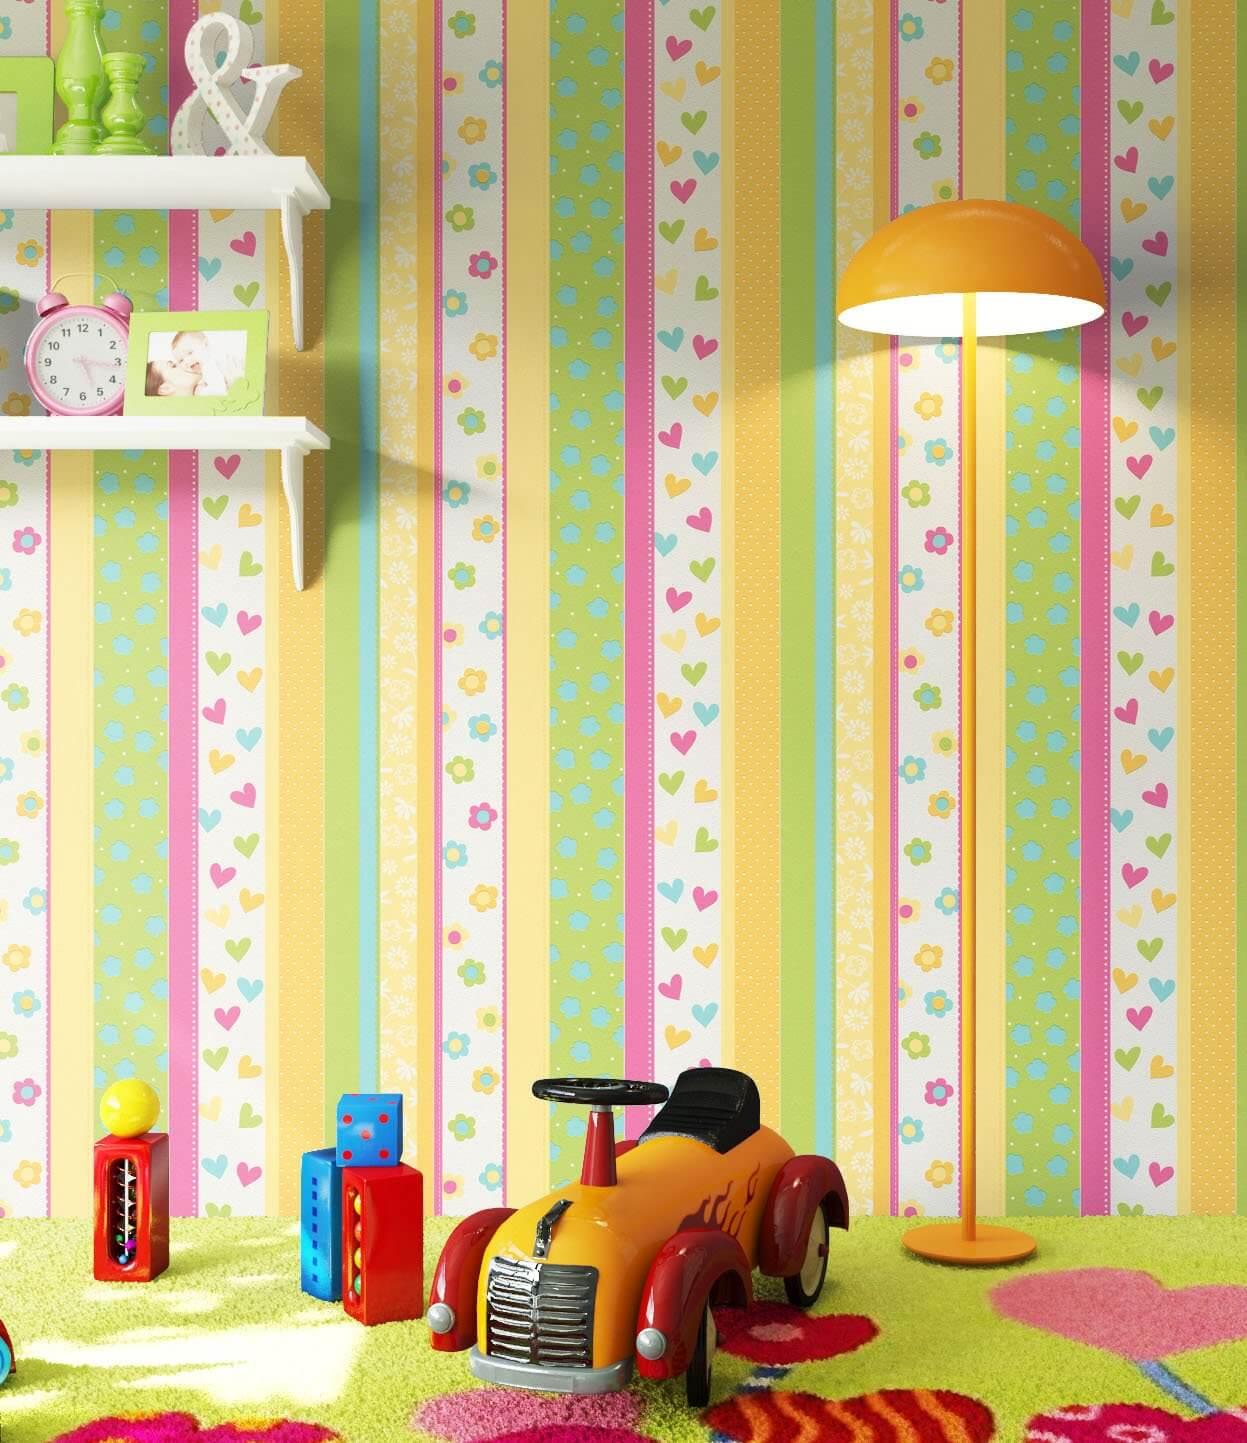 NEWROOM Kindertapete Vliestapete Beige   Streifen Gelb  Kinderzimmer Vlies